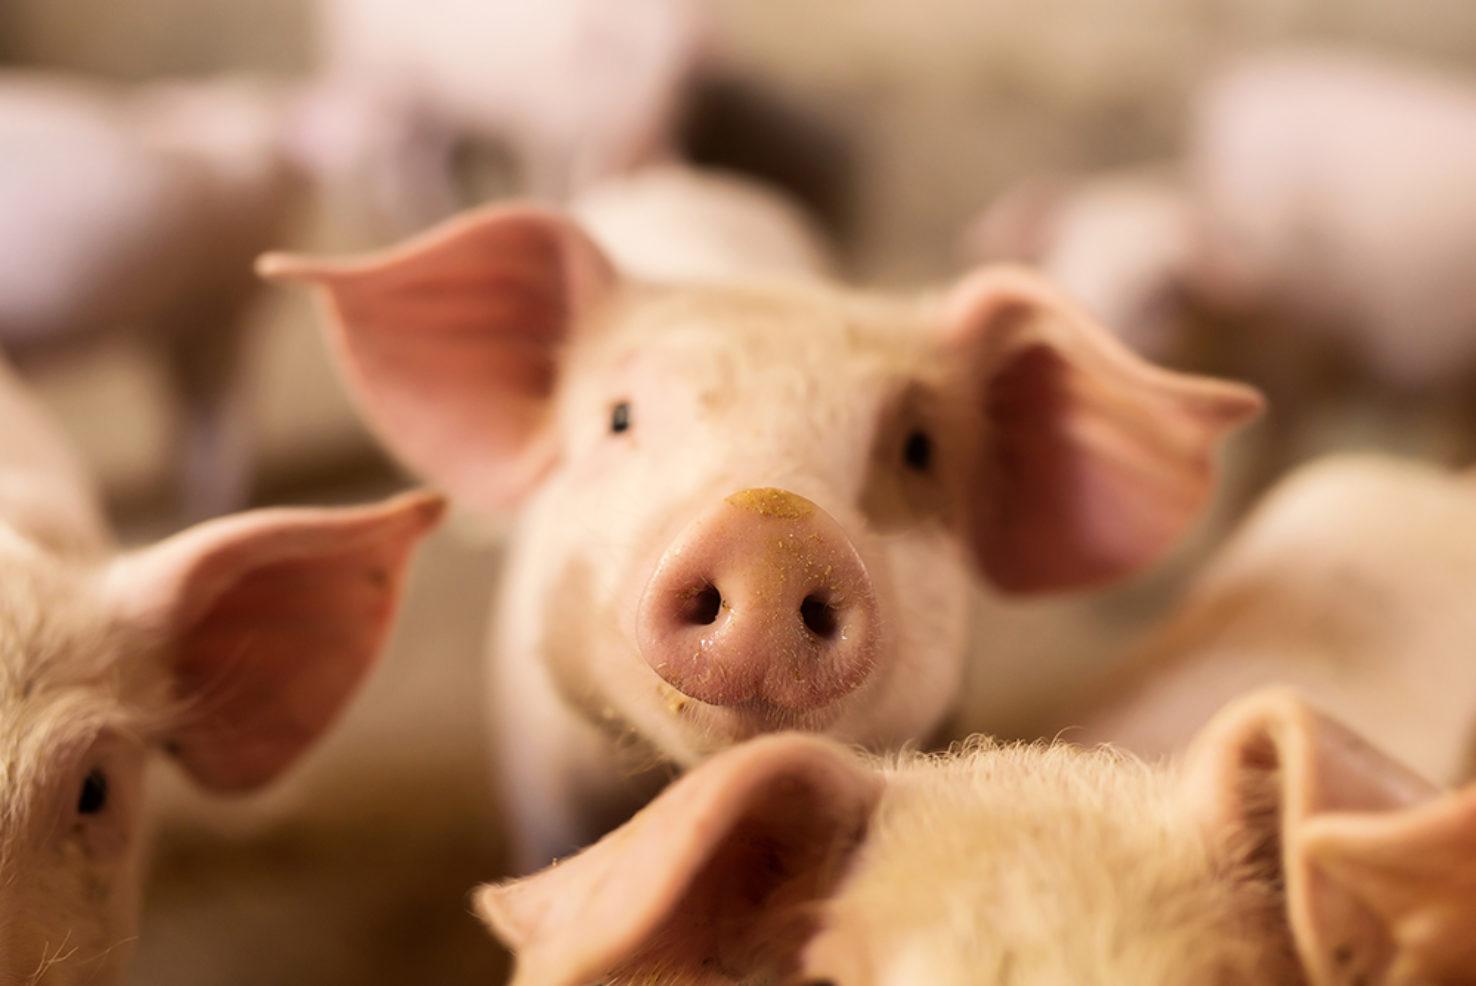 schwein_essen_lebensmittel_arbeitsplatz_wirblog_gesundheit